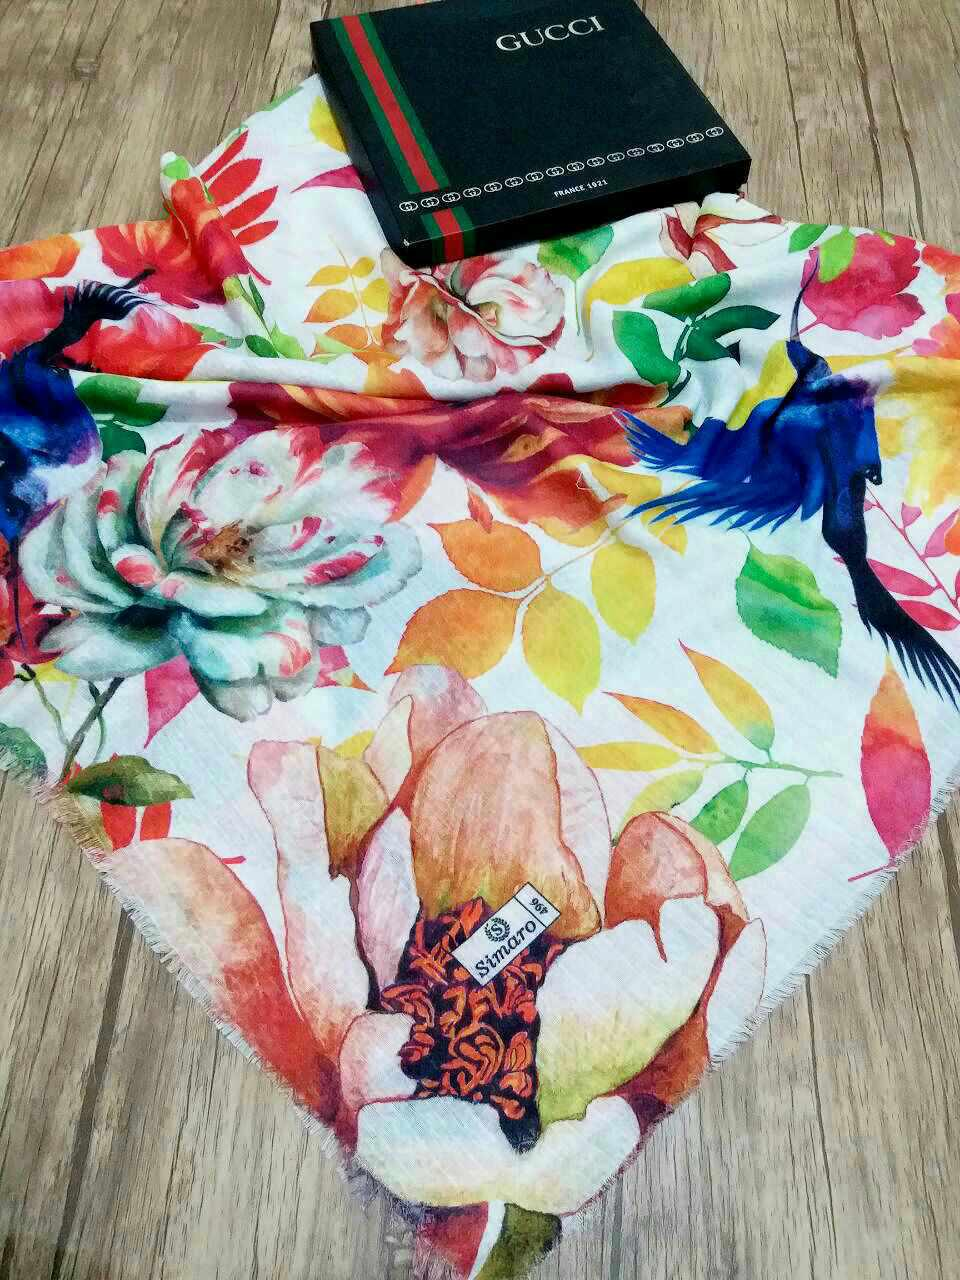 روسری نخی قواره بزرگ تک رنگ sr-n 213 از نمای نزدیک